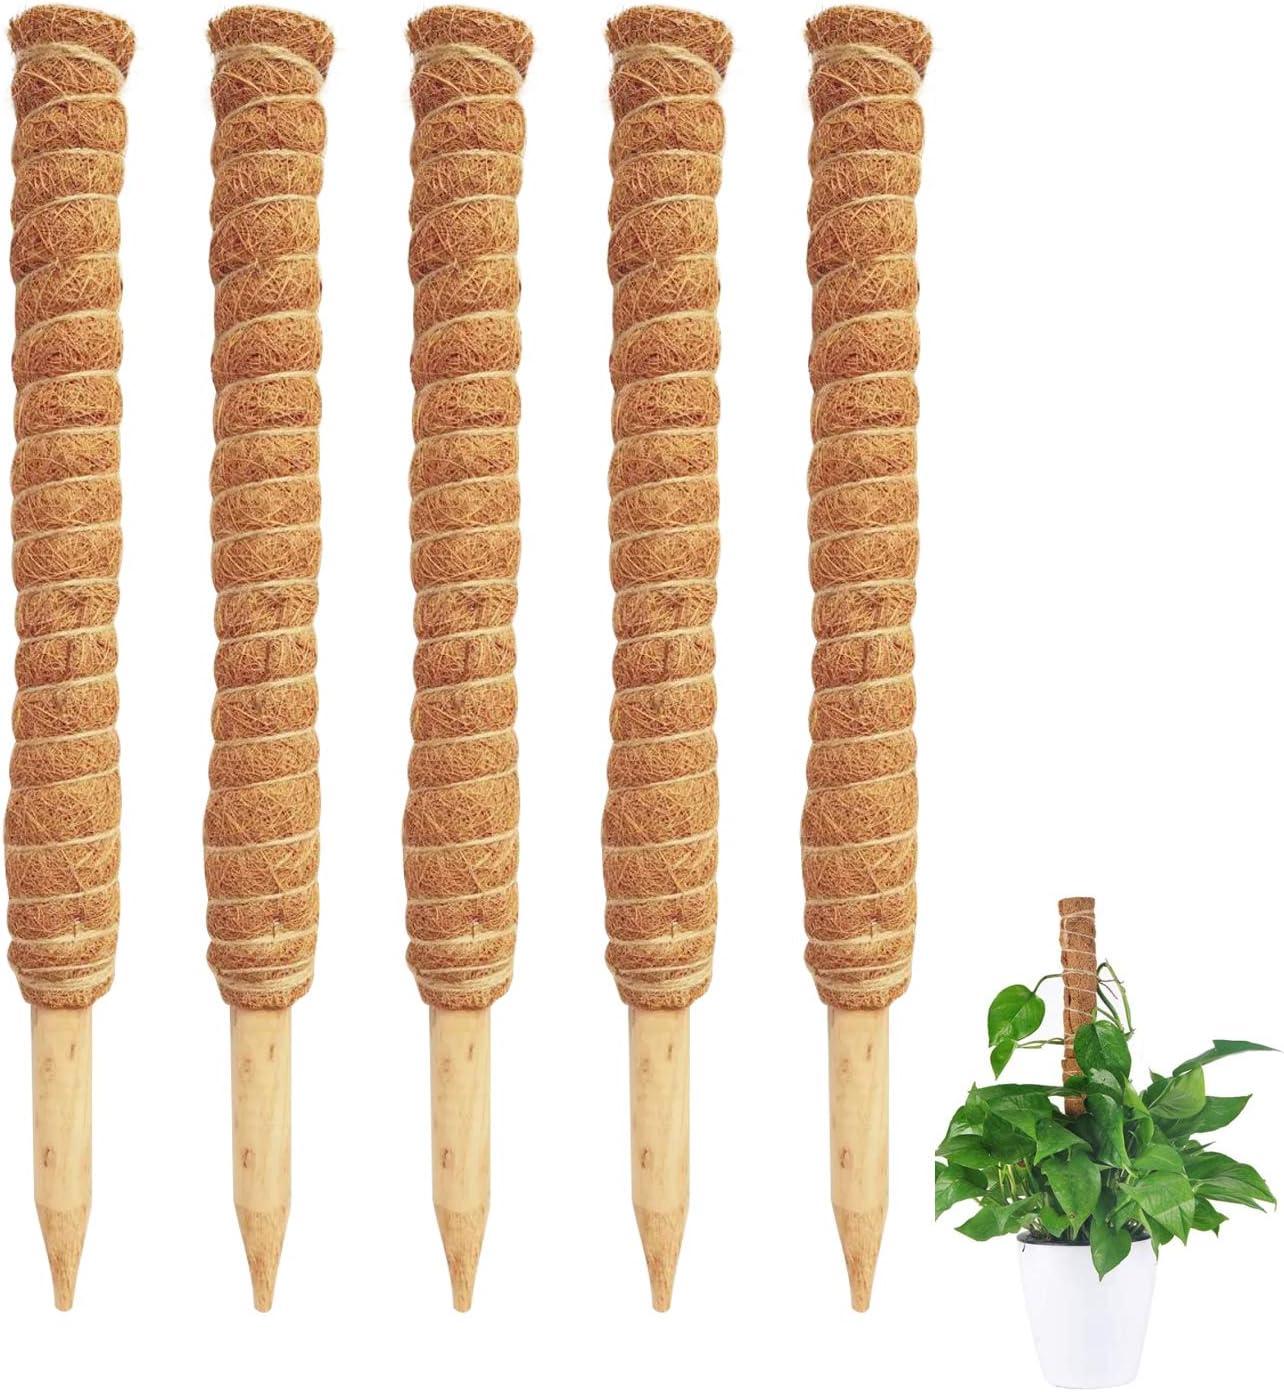 P&P 5 Packs 17.5 inch Coir Moss Totem Pole Coir Moss Stick Extension Poles for Climbing Plants, Coir Moss Totem Plant Support Sticks for Indoor and Outdoor Plants